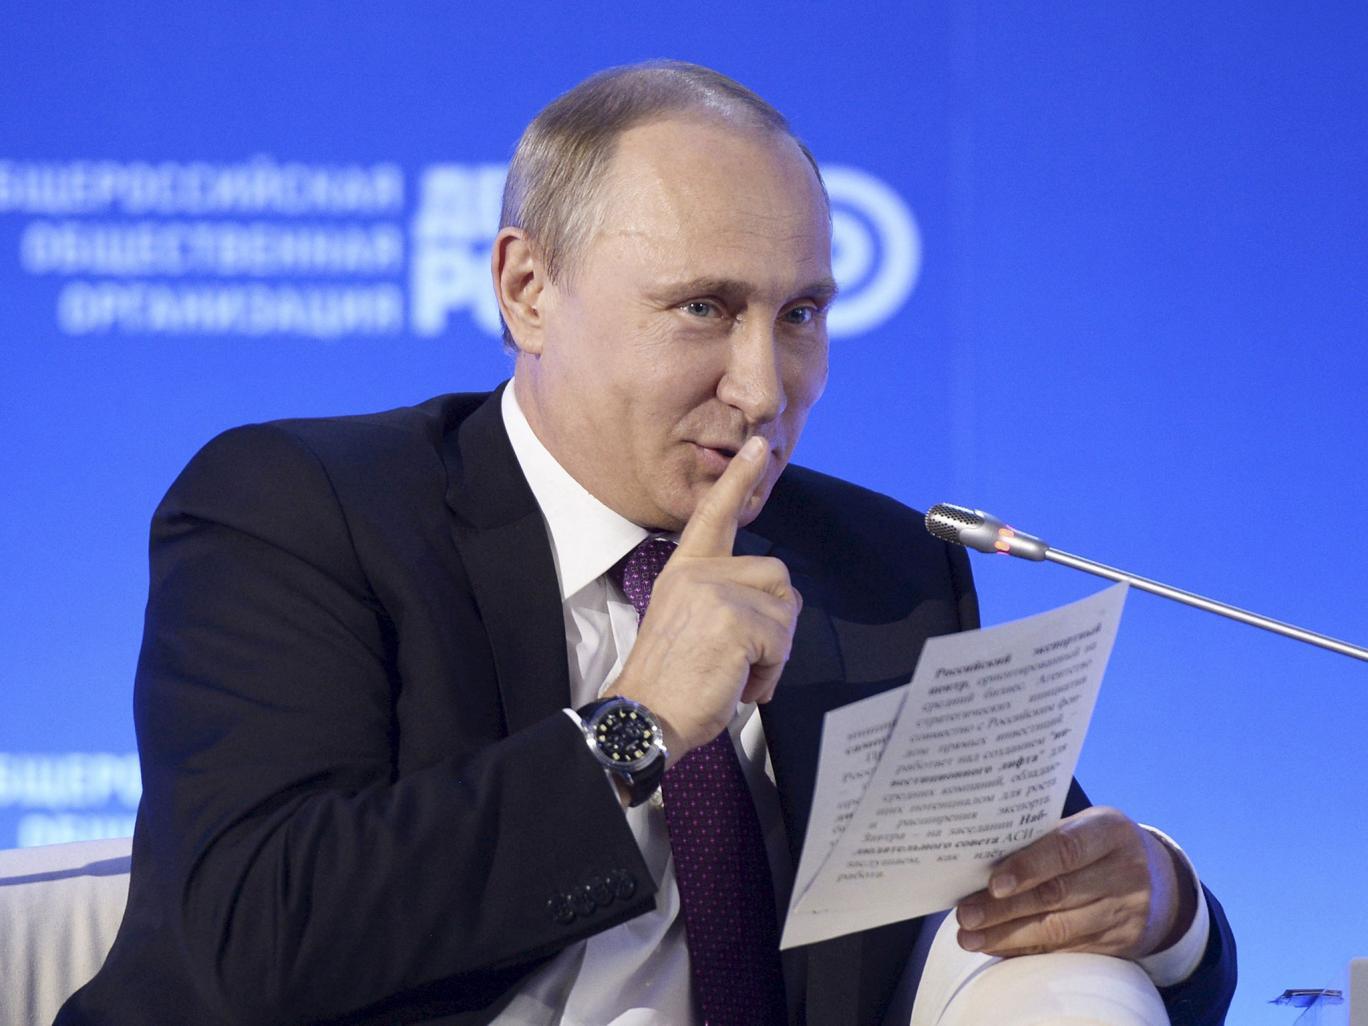 «Это какая-то магия»: Financial Times попыталось разгадать секрет обаяния Путина